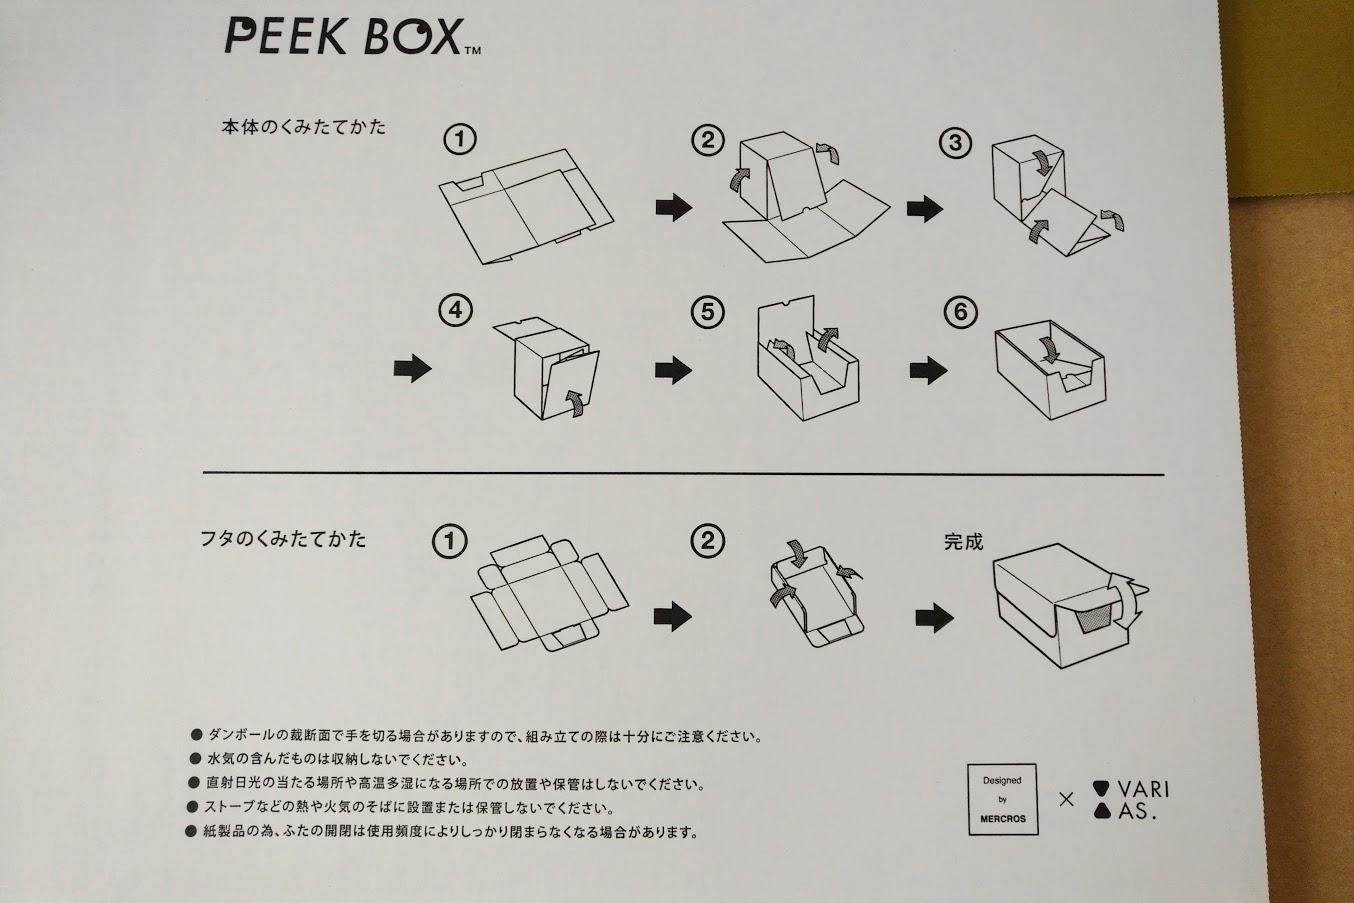 ピークボックス組み立て方